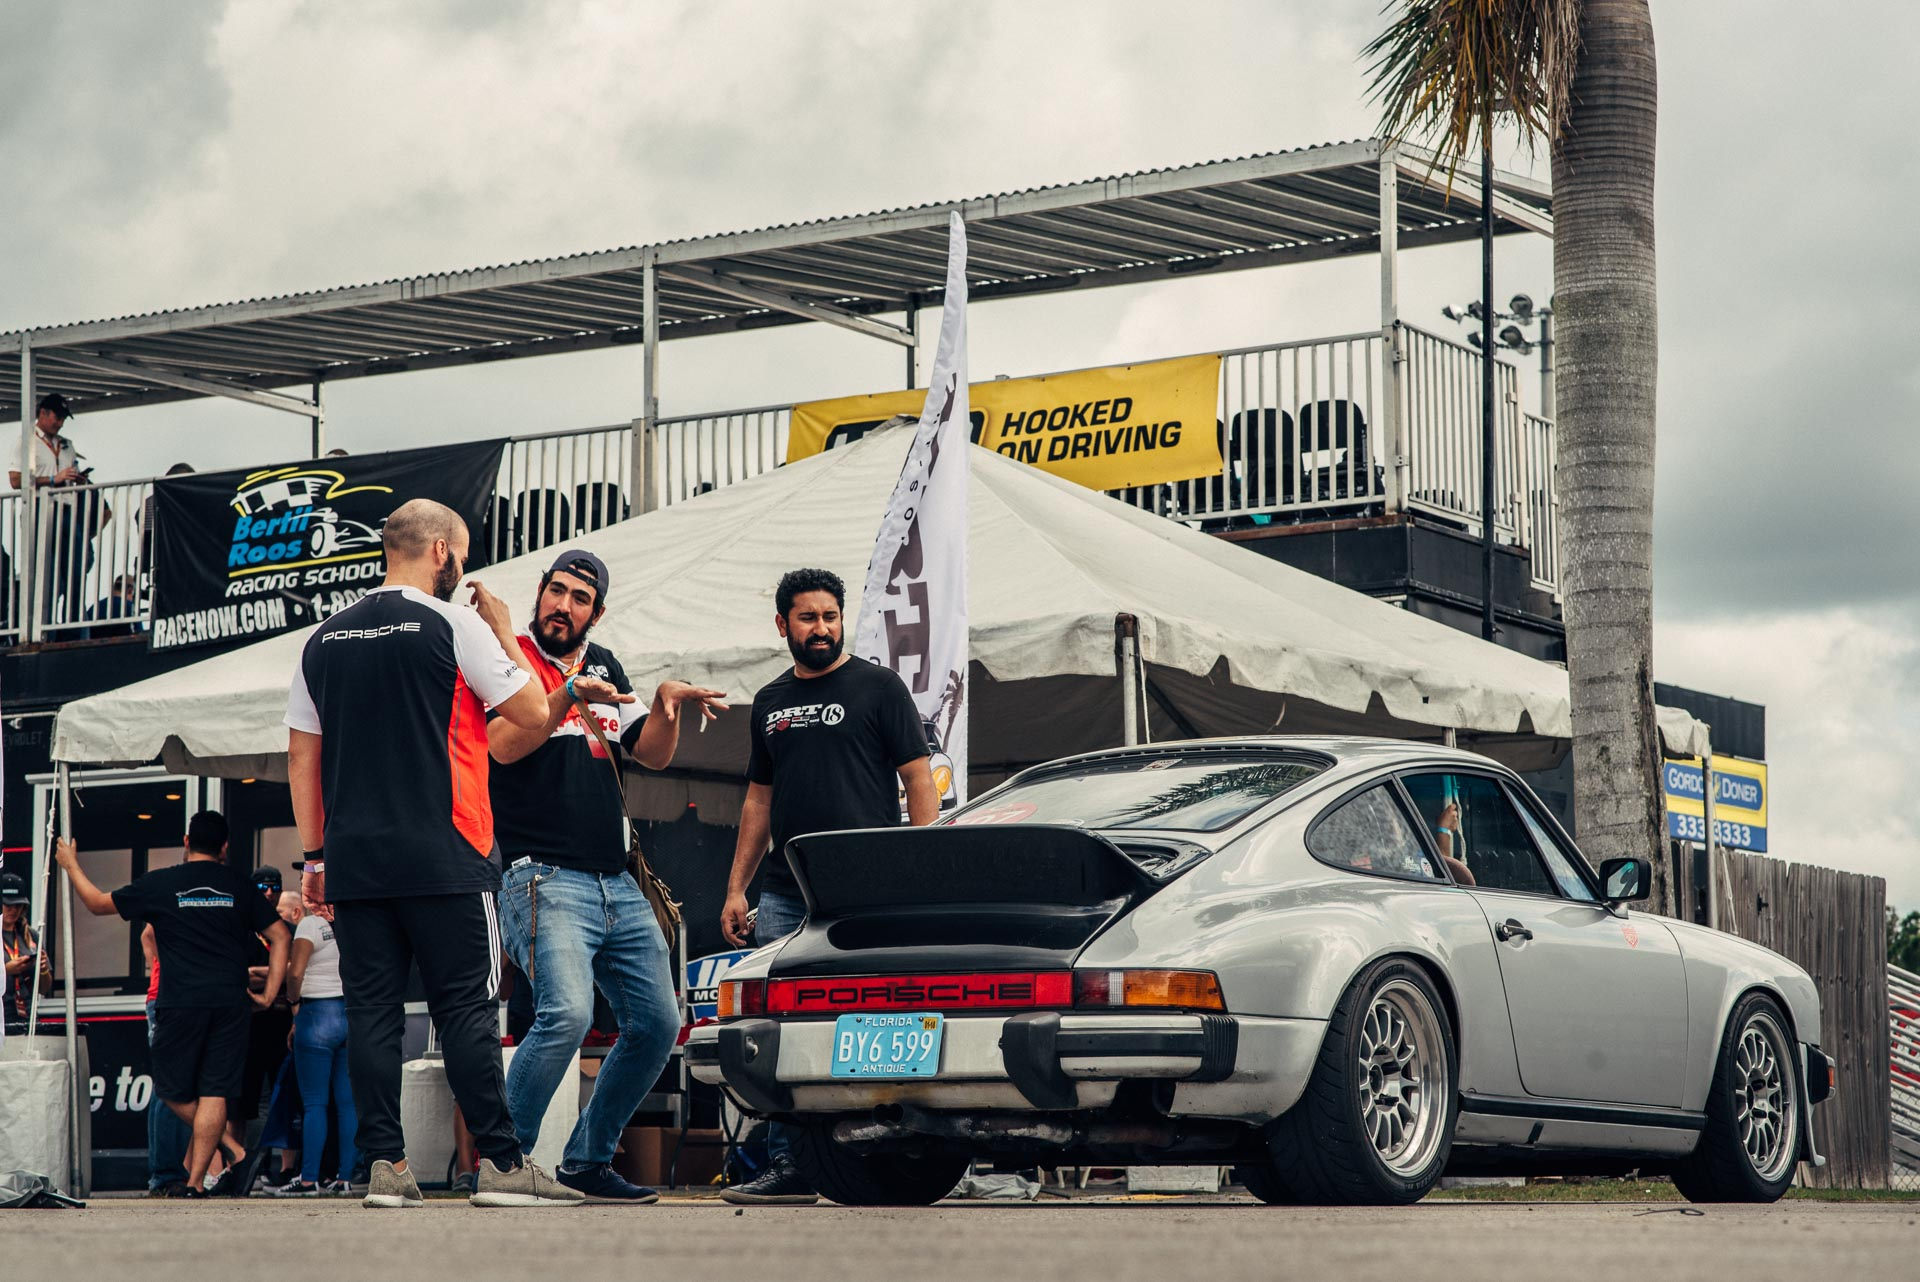 Silver Porsche at Das Renn Treffen 2019